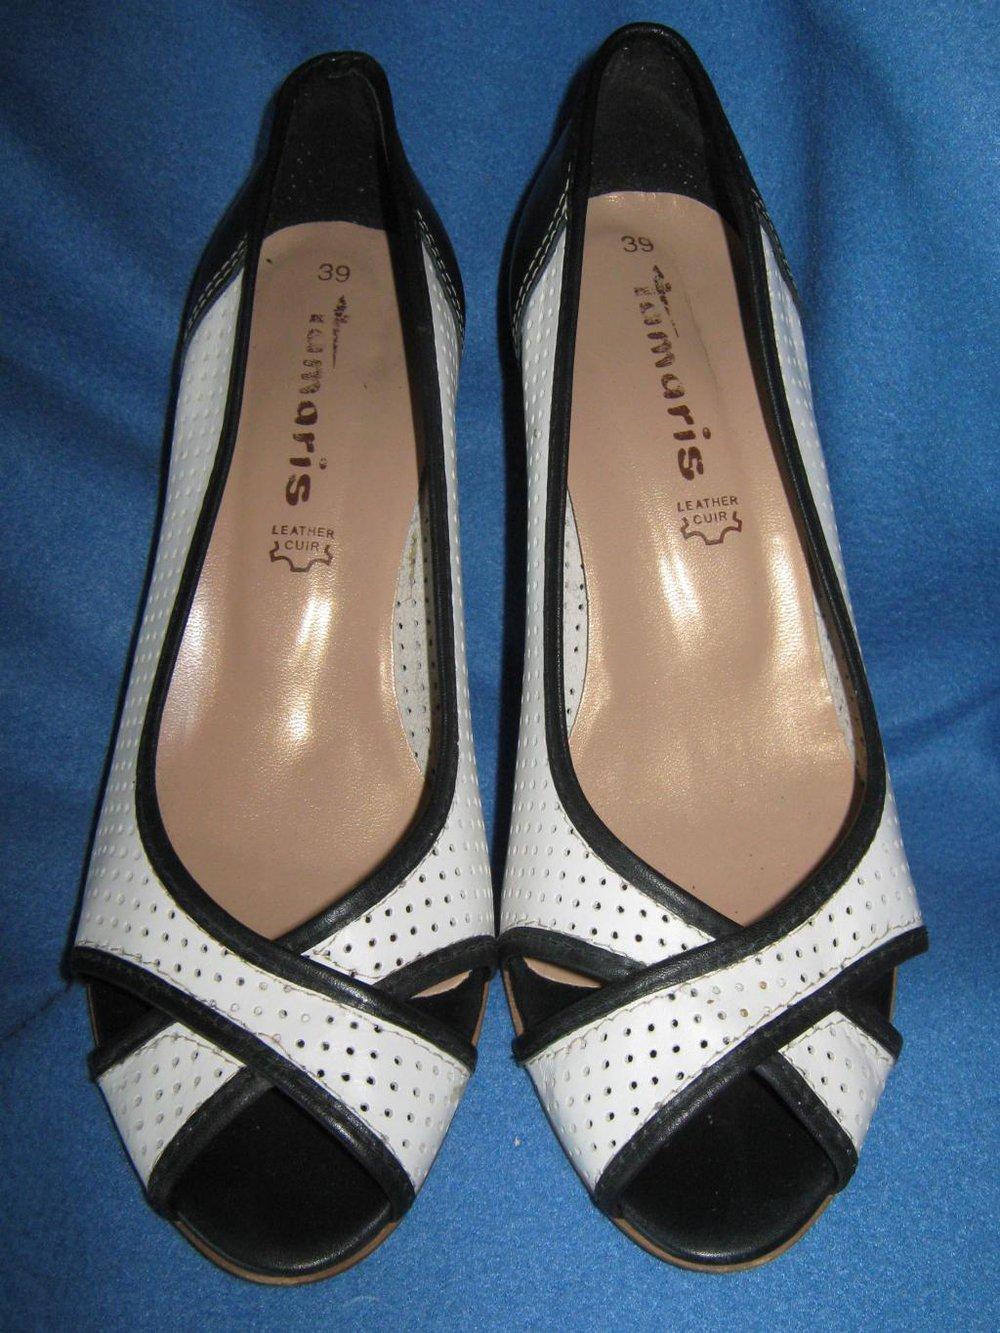 9d18151e5fb738 NEU Leder Peep Toes High Heels Pumps Sandaletten Schuhe